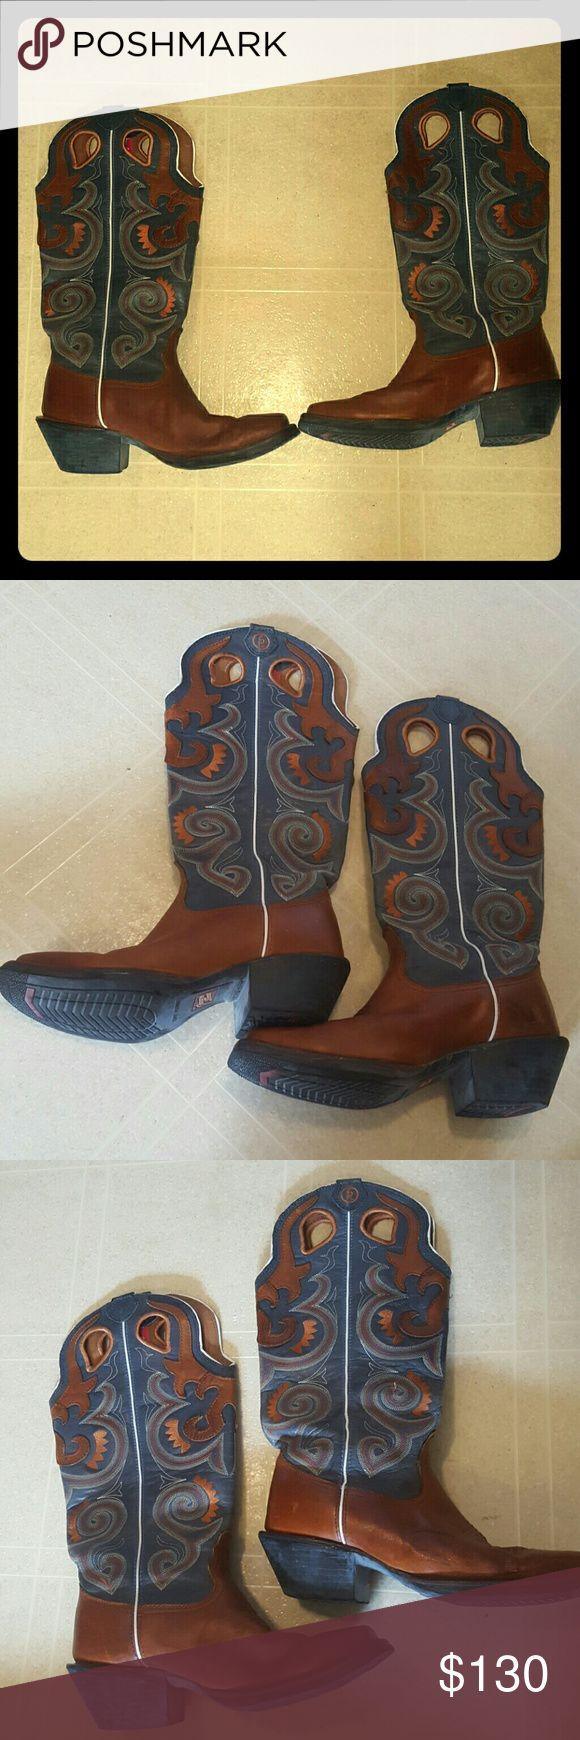 The 25+ best Buckaroo boots ideas on Pinterest